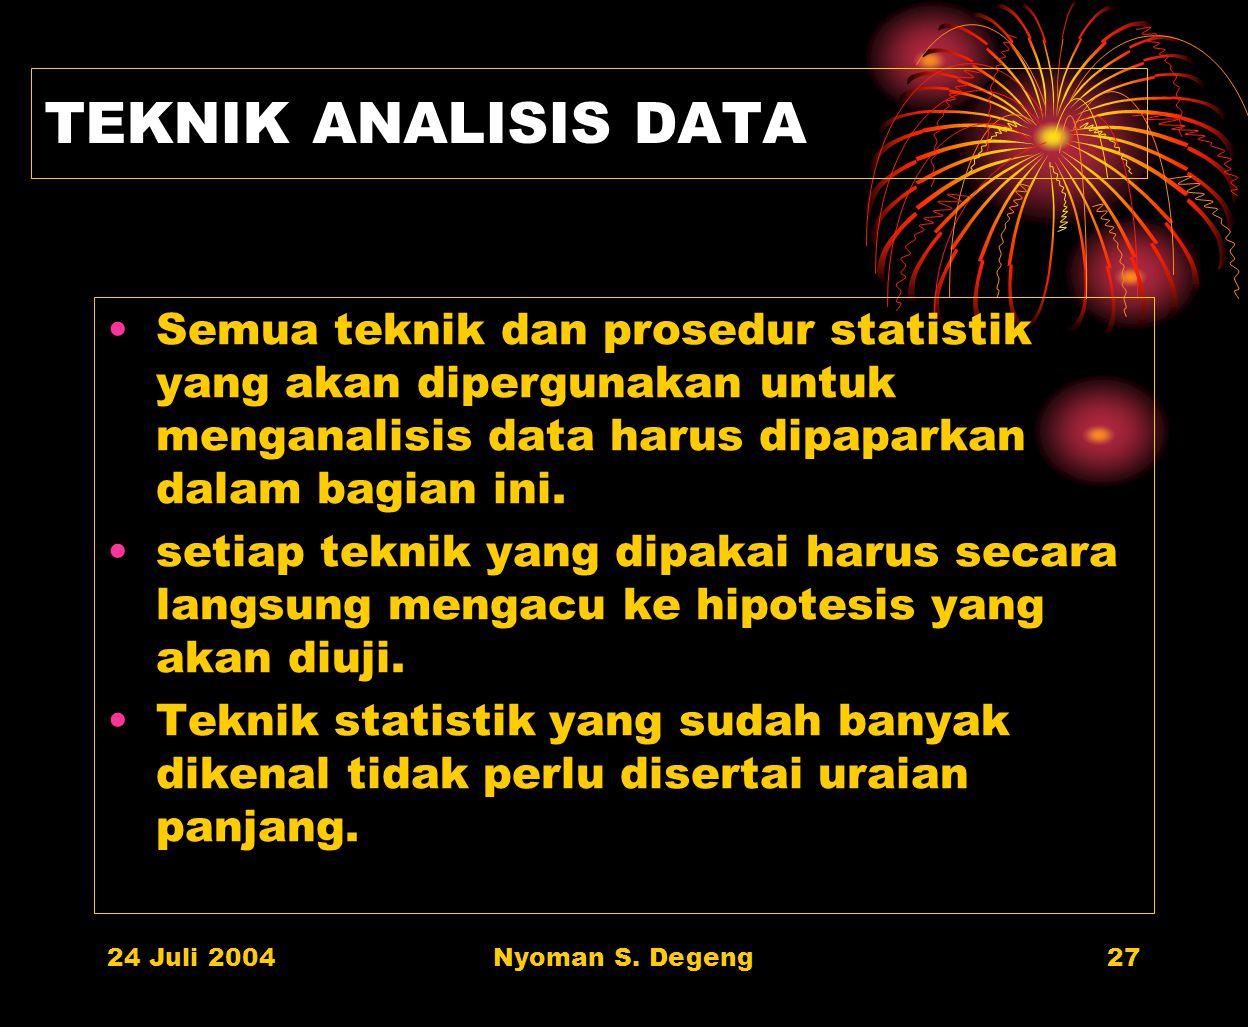 TEKNIK ANALISIS DATA Semua teknik dan prosedur statistik yang akan dipergunakan untuk menganalisis data harus dipaparkan dalam bagian ini.